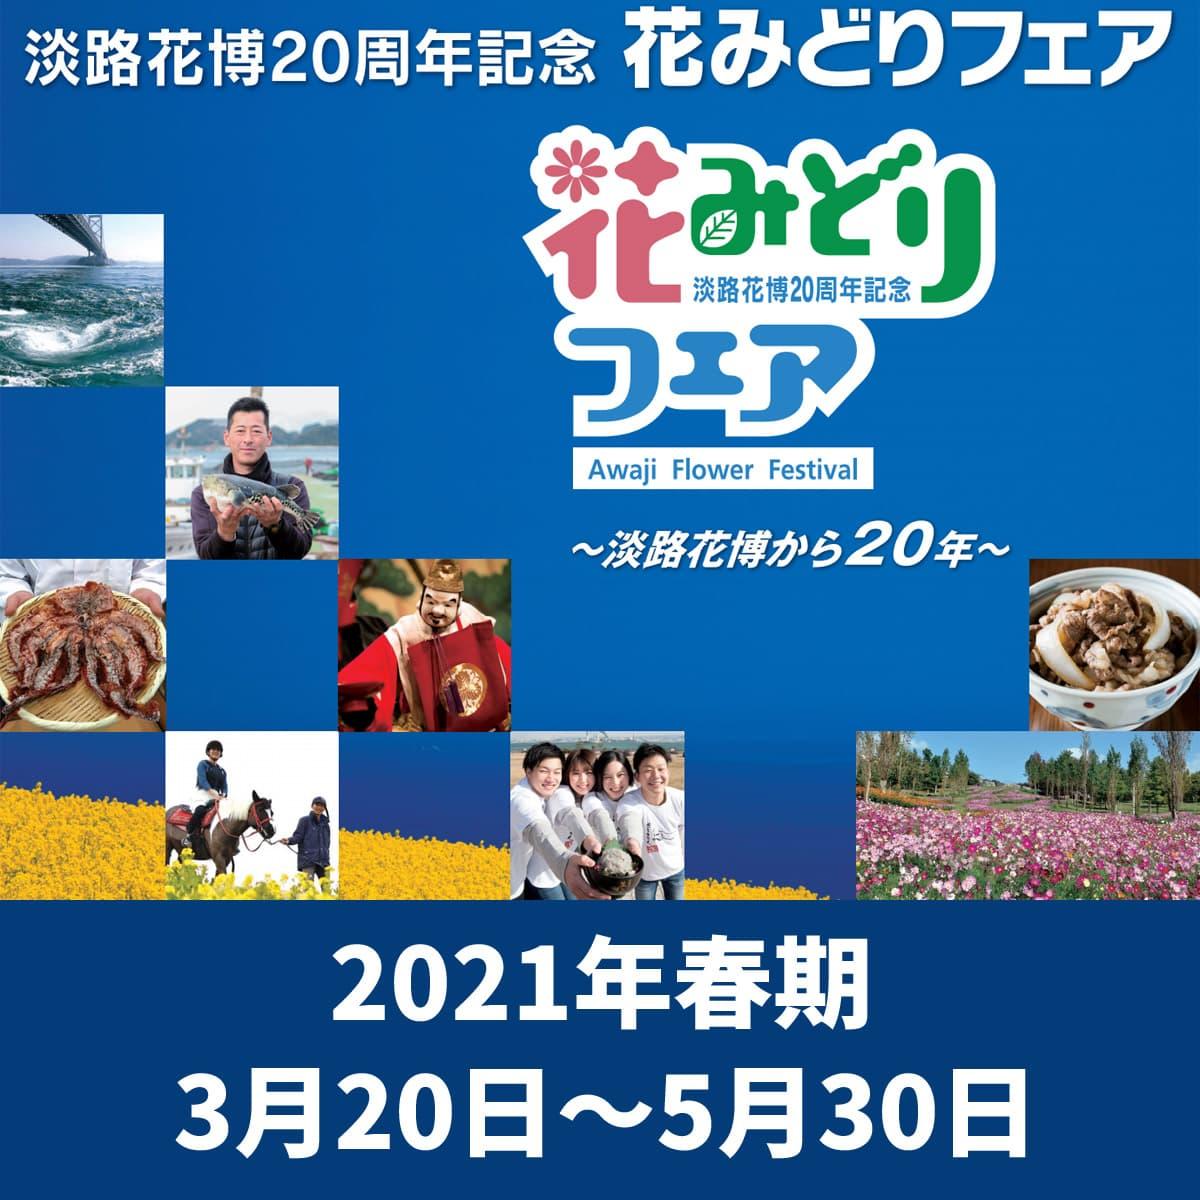 花みどりフェア春期「淡路花博20周年記念」